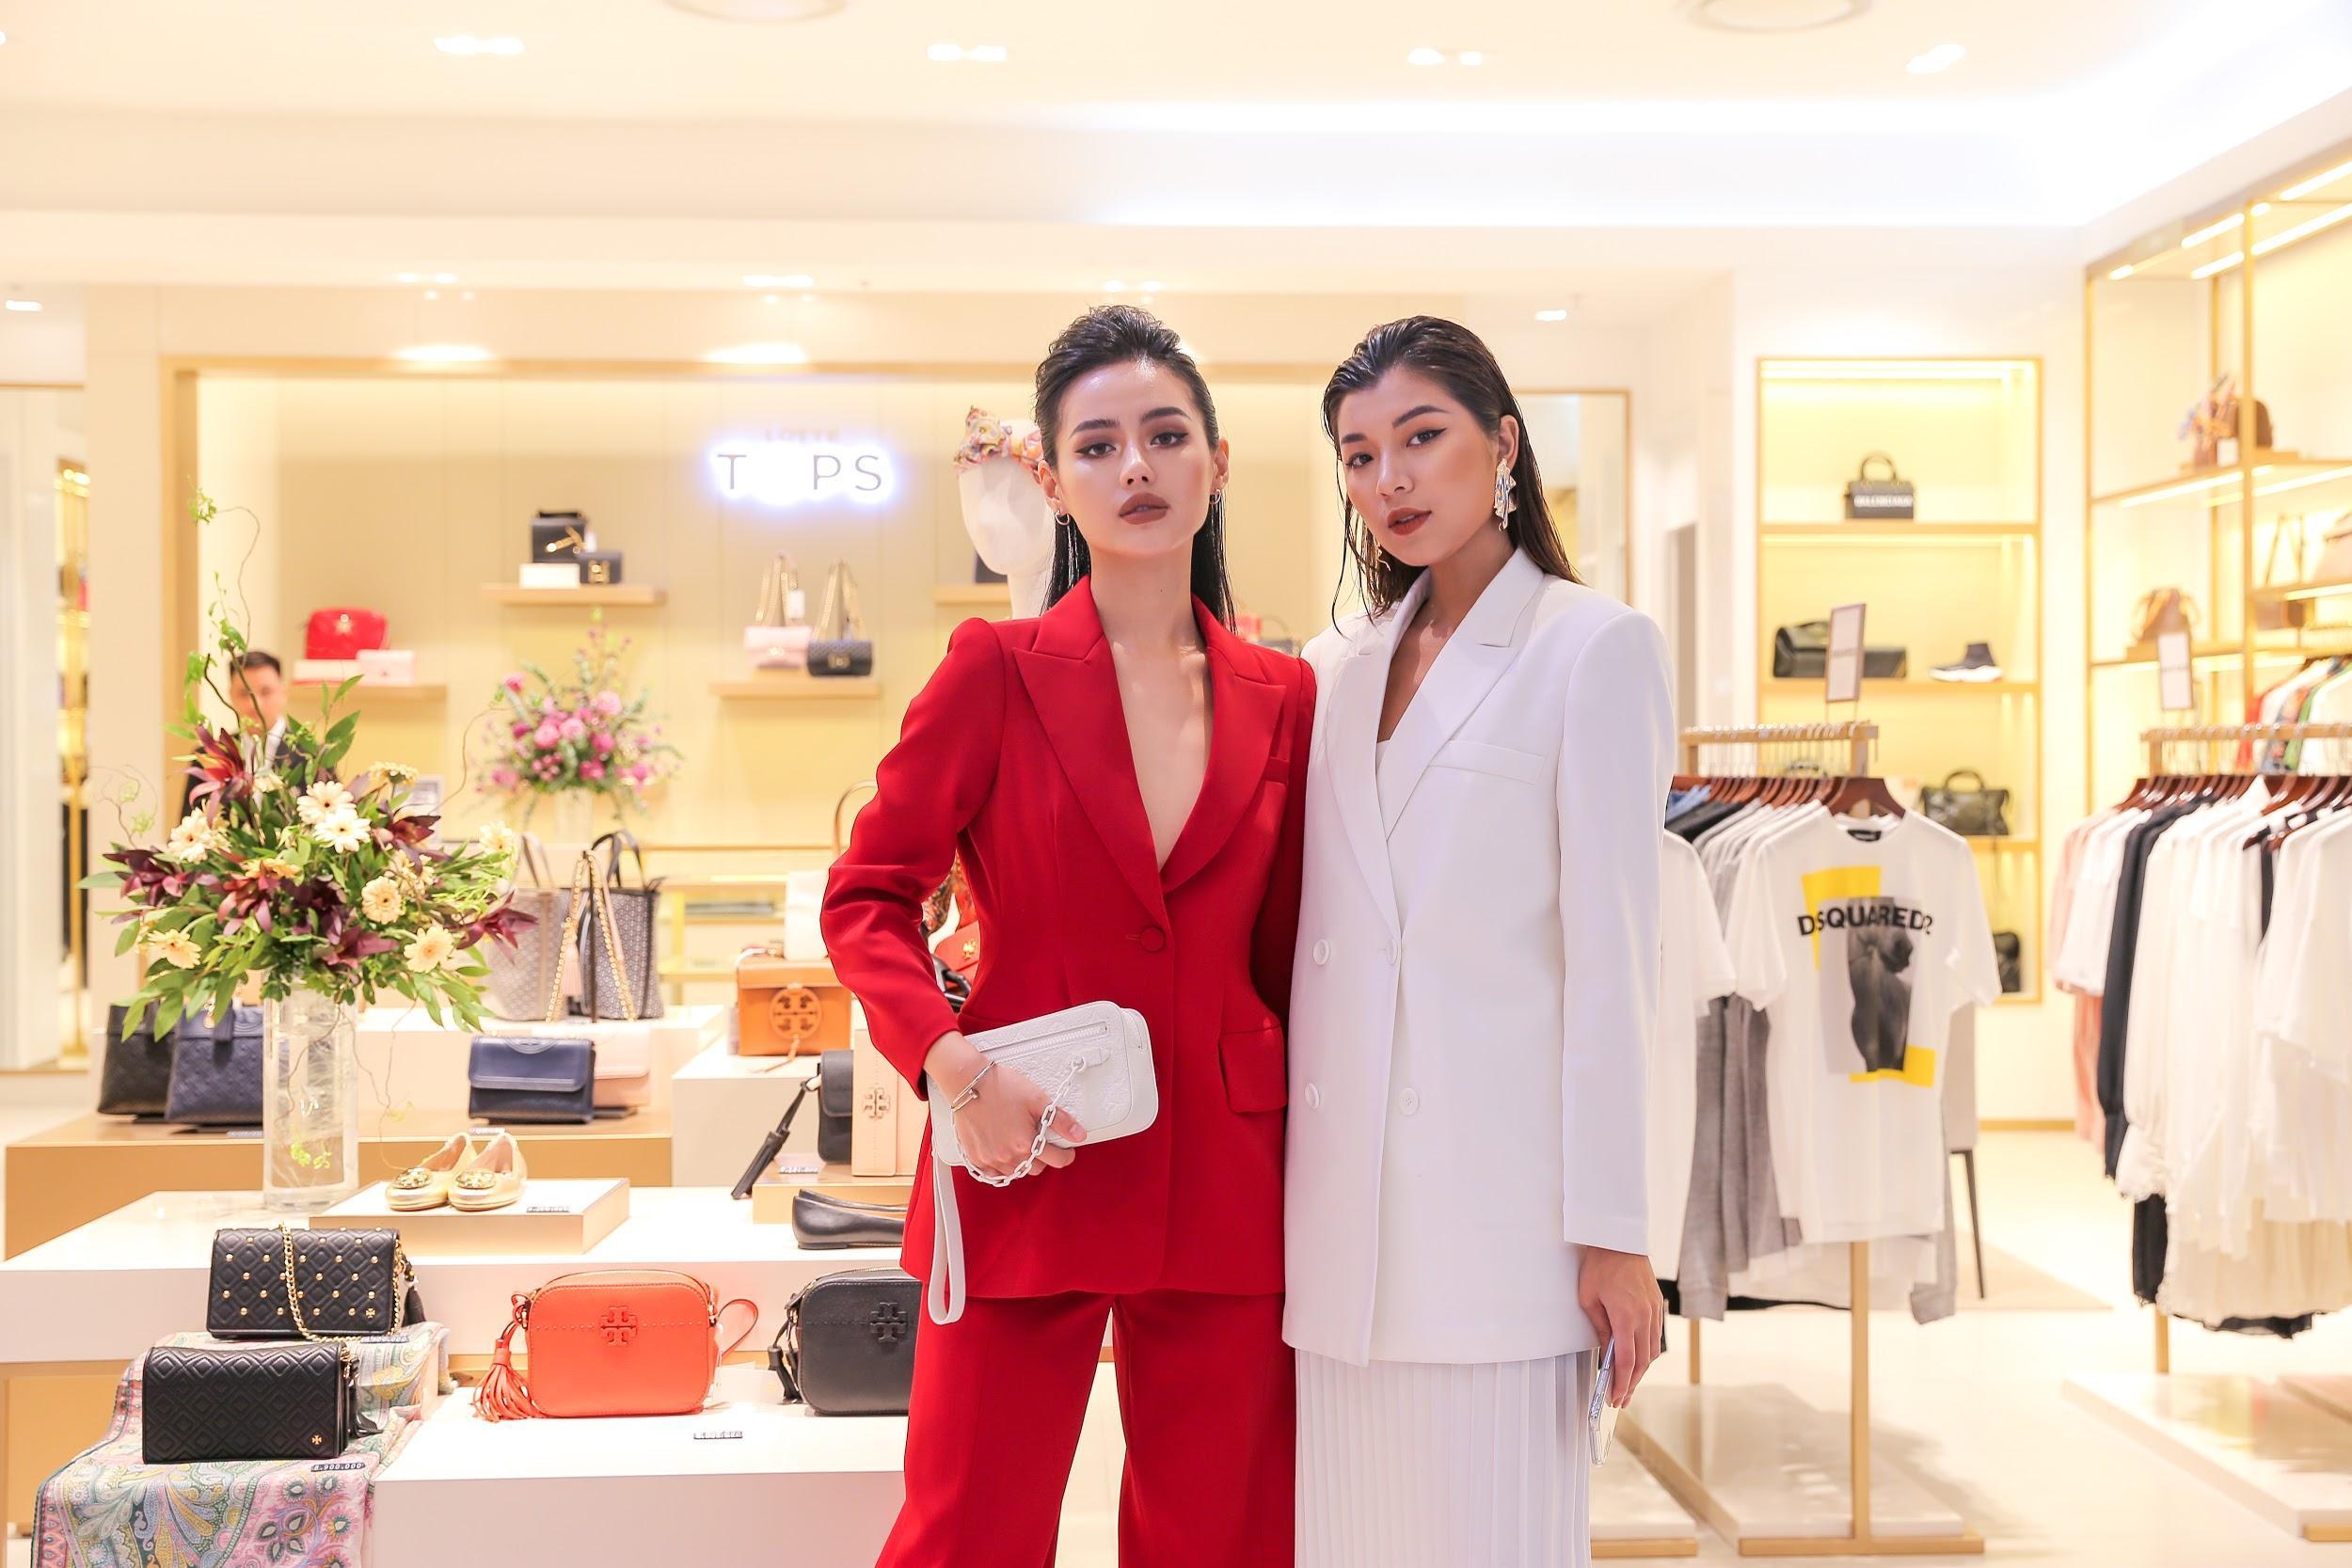 """Cặp đôi The Face Đồng Ánh Quỳnh, Khánh Linh hội ngộ, hoá thân thành đôi """"soái tỷ rủ nhau đi mua sắm - Ảnh 1."""